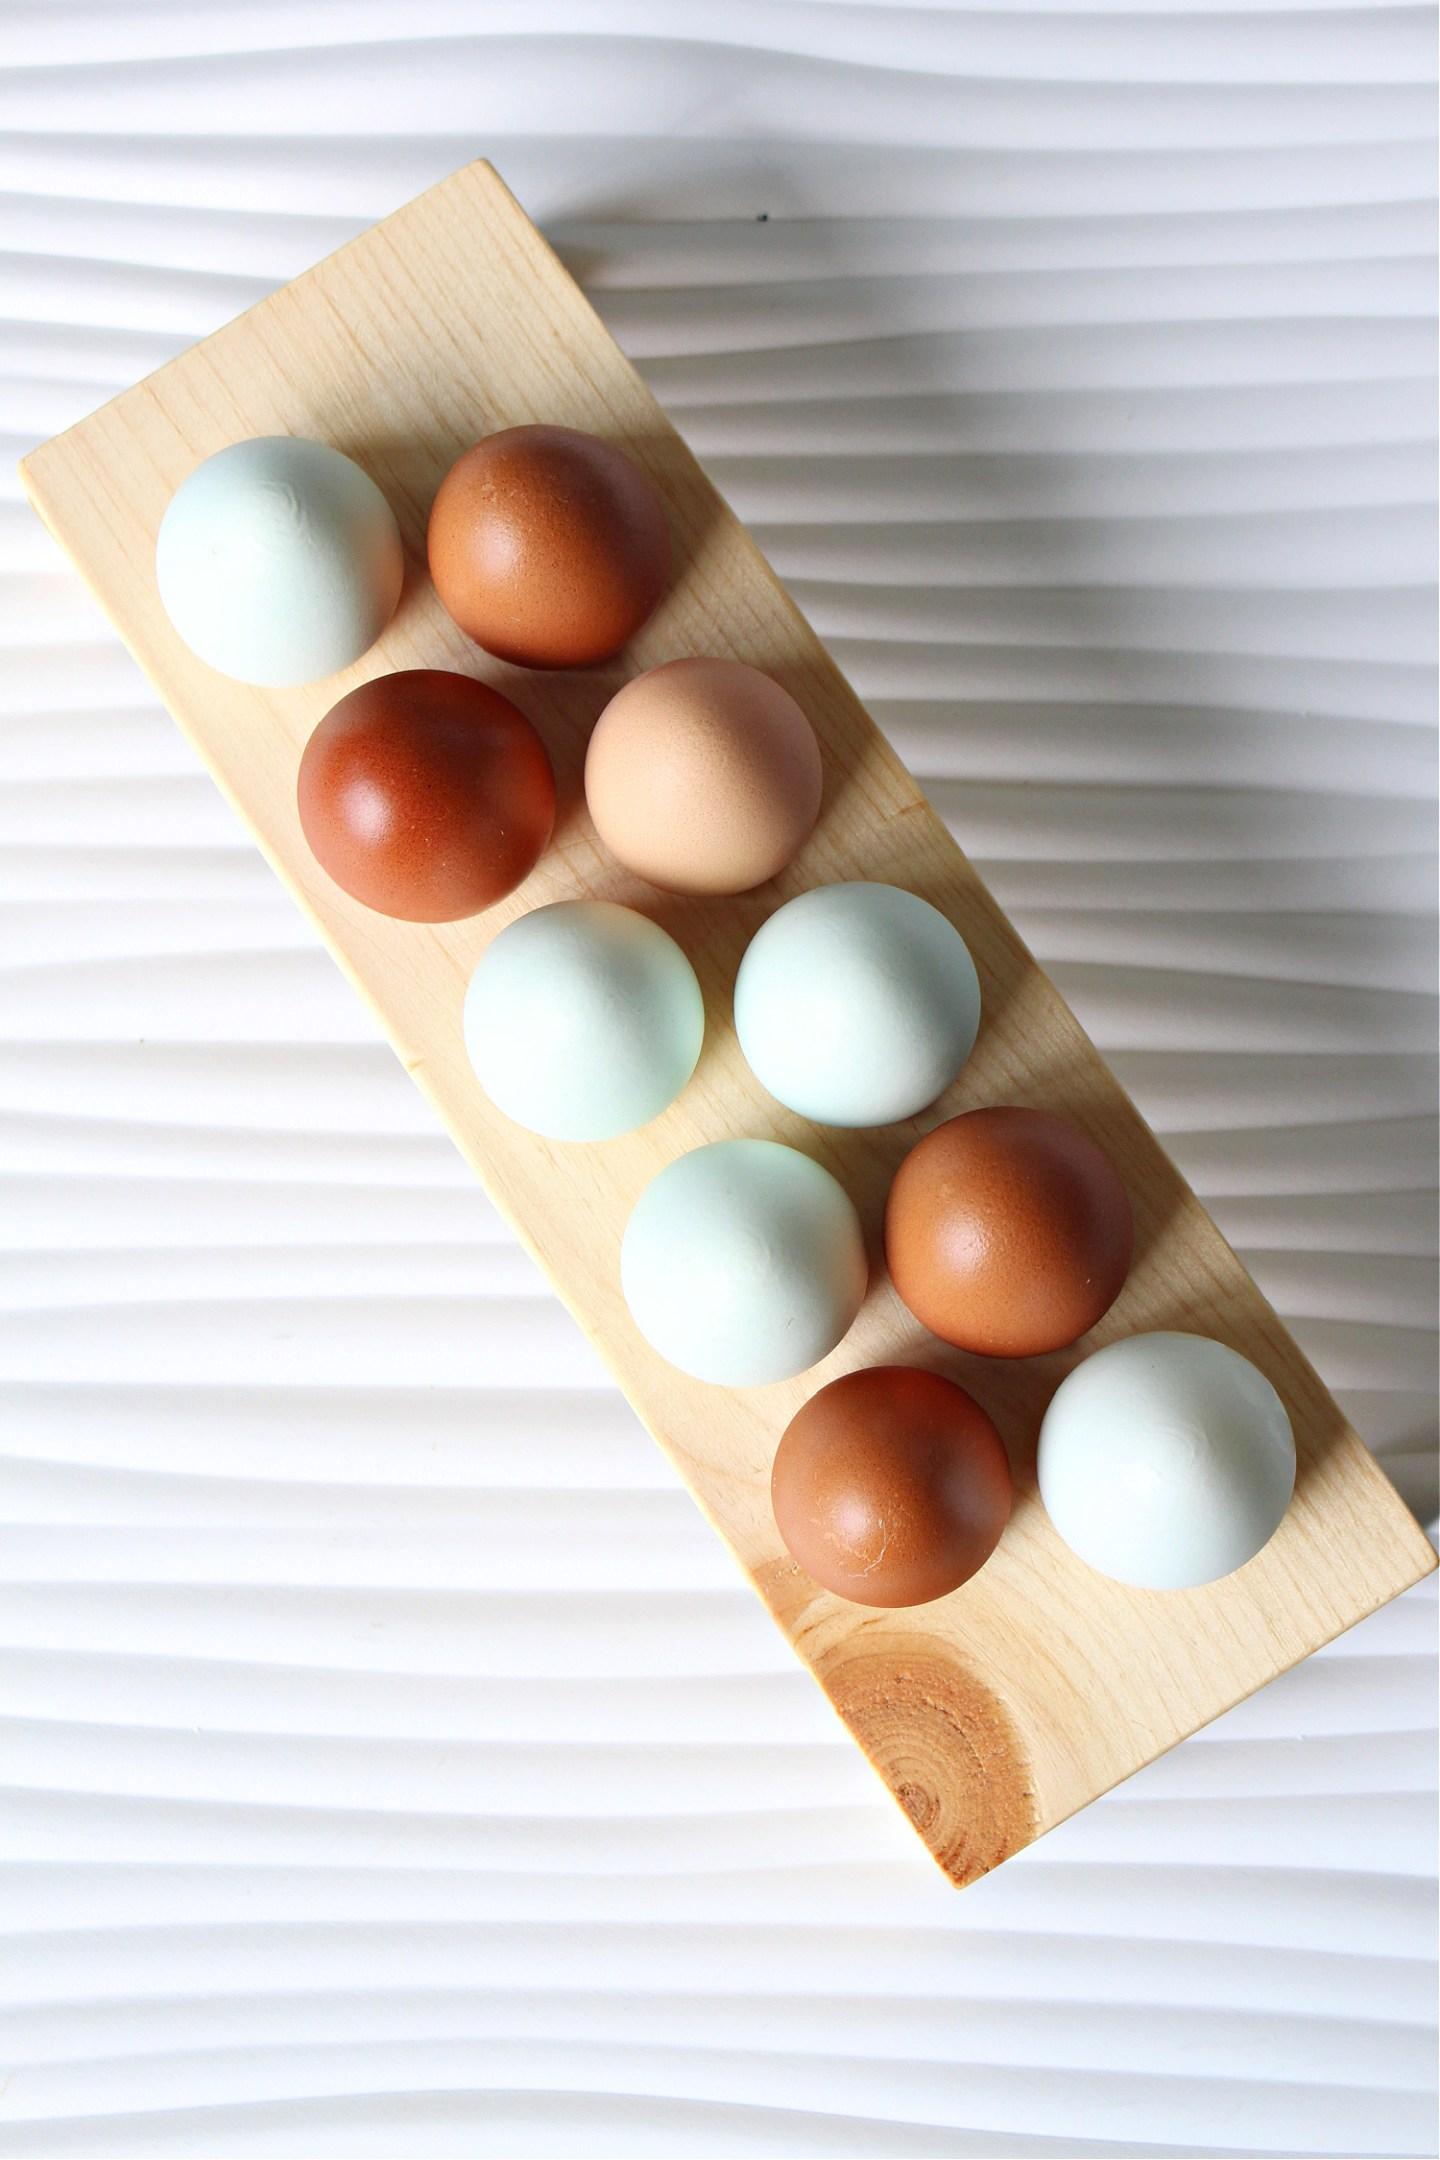 Solid wood egg holder